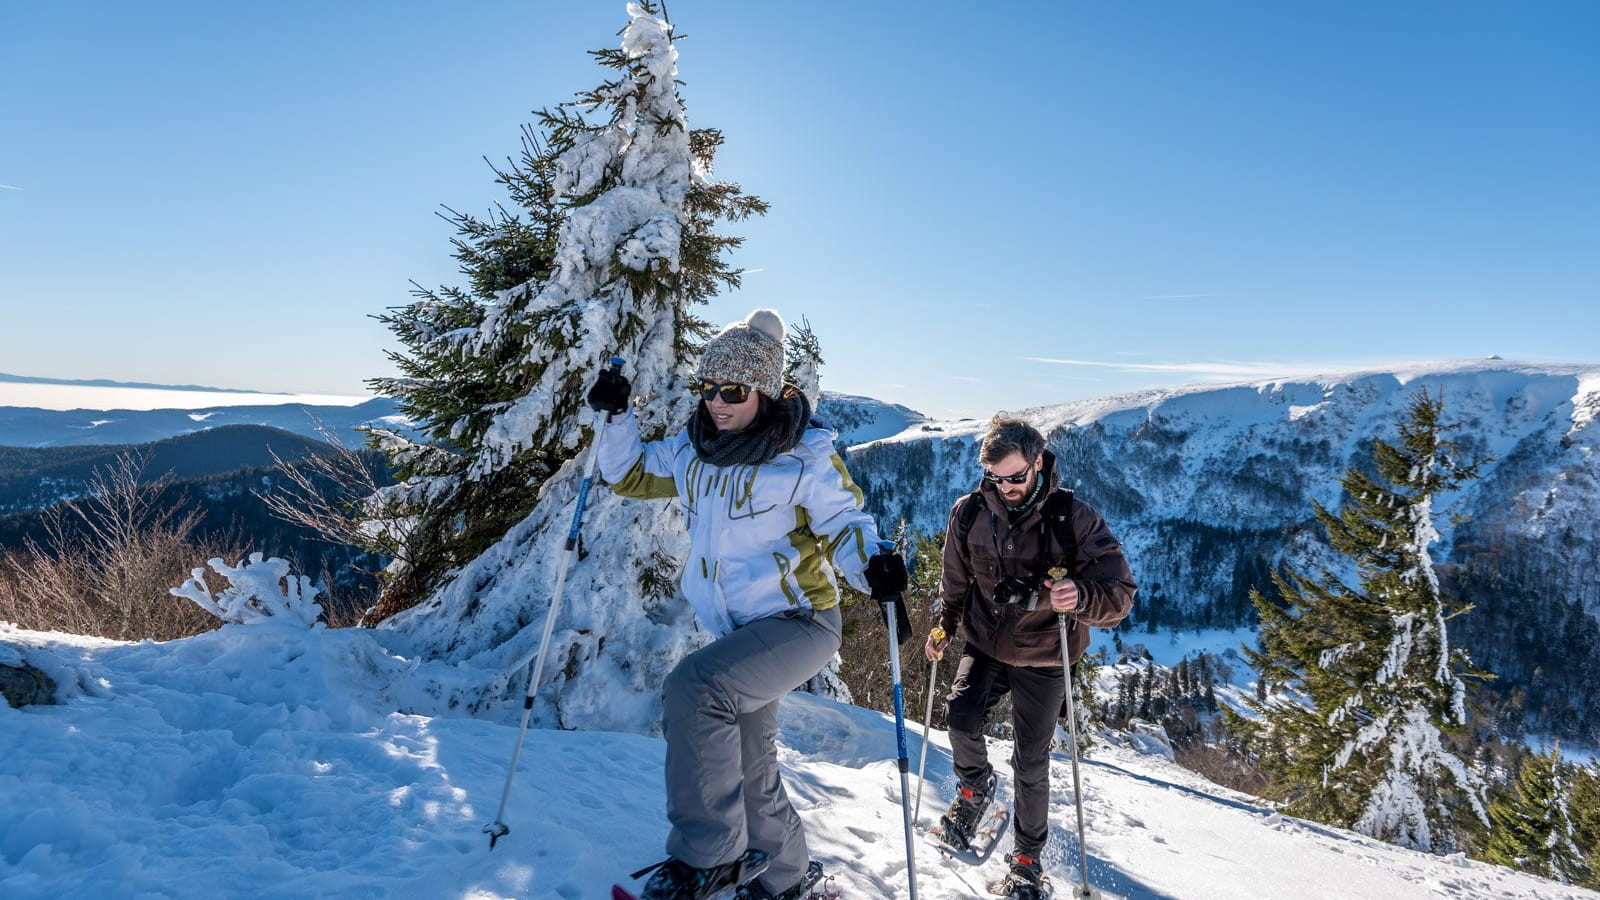 Partir à la découverte des plaisirs de la neige